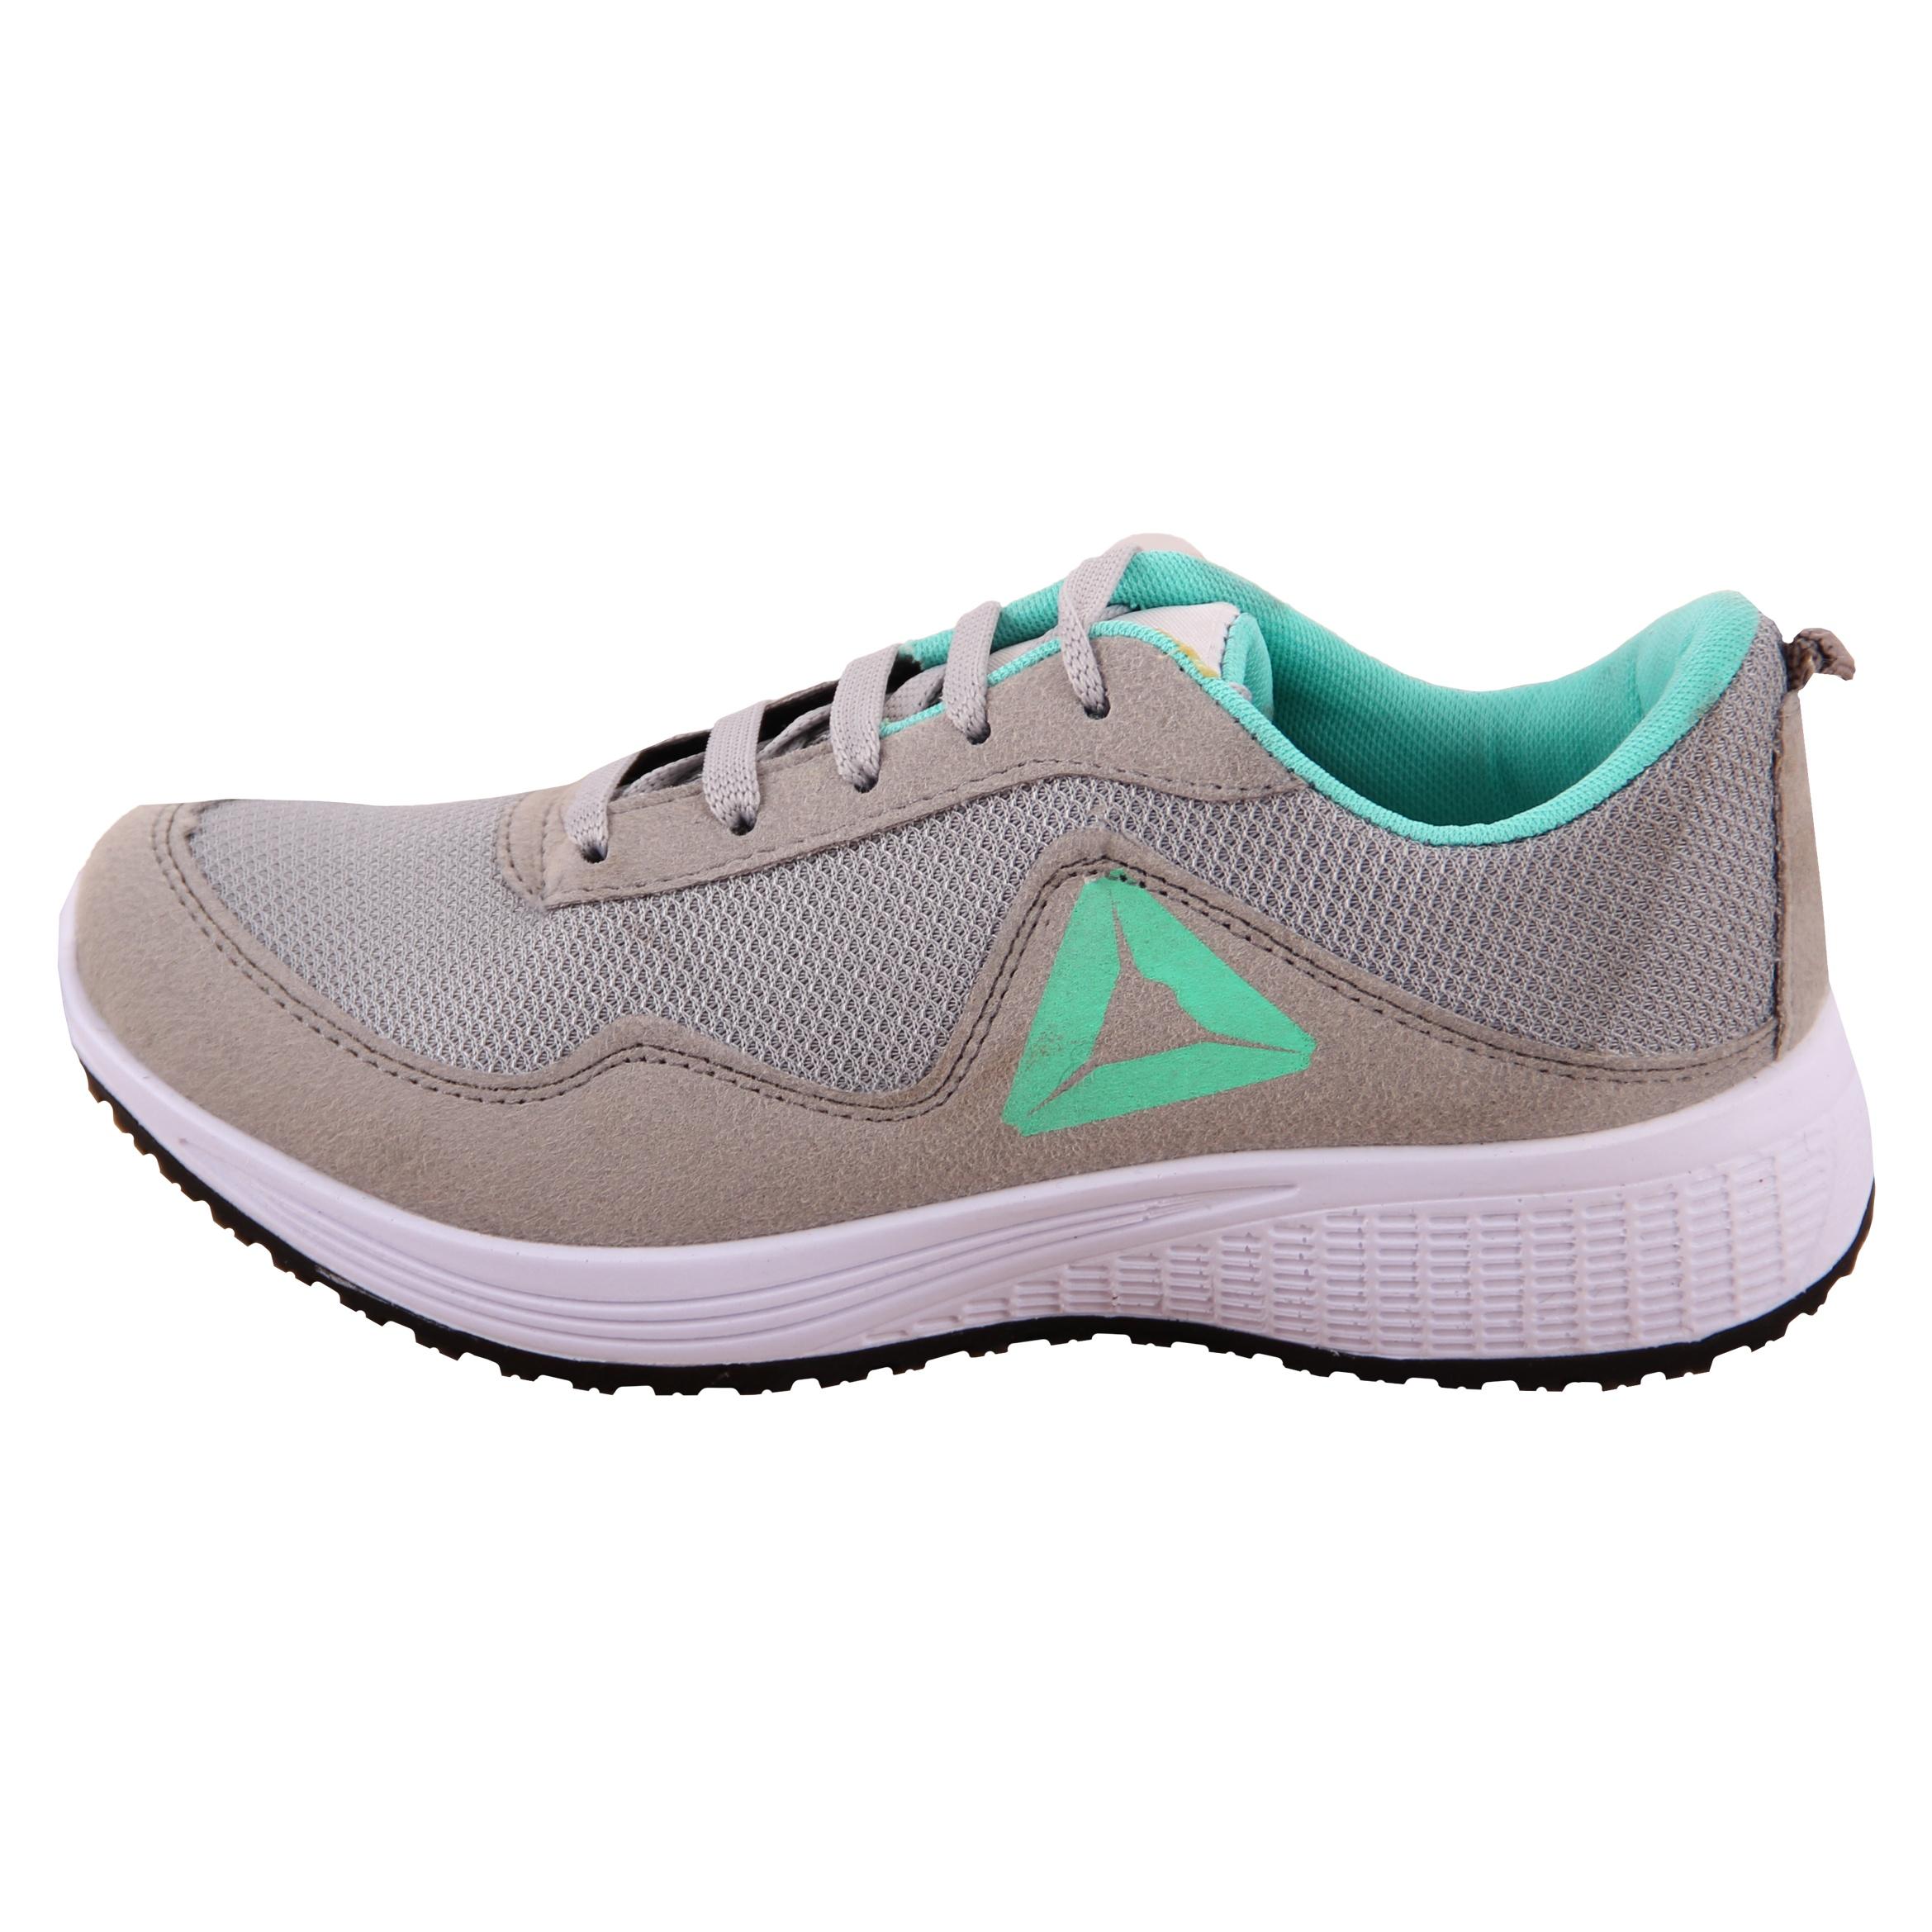 کفش مخصوص پیاده روی زنانه کد 120-2397180